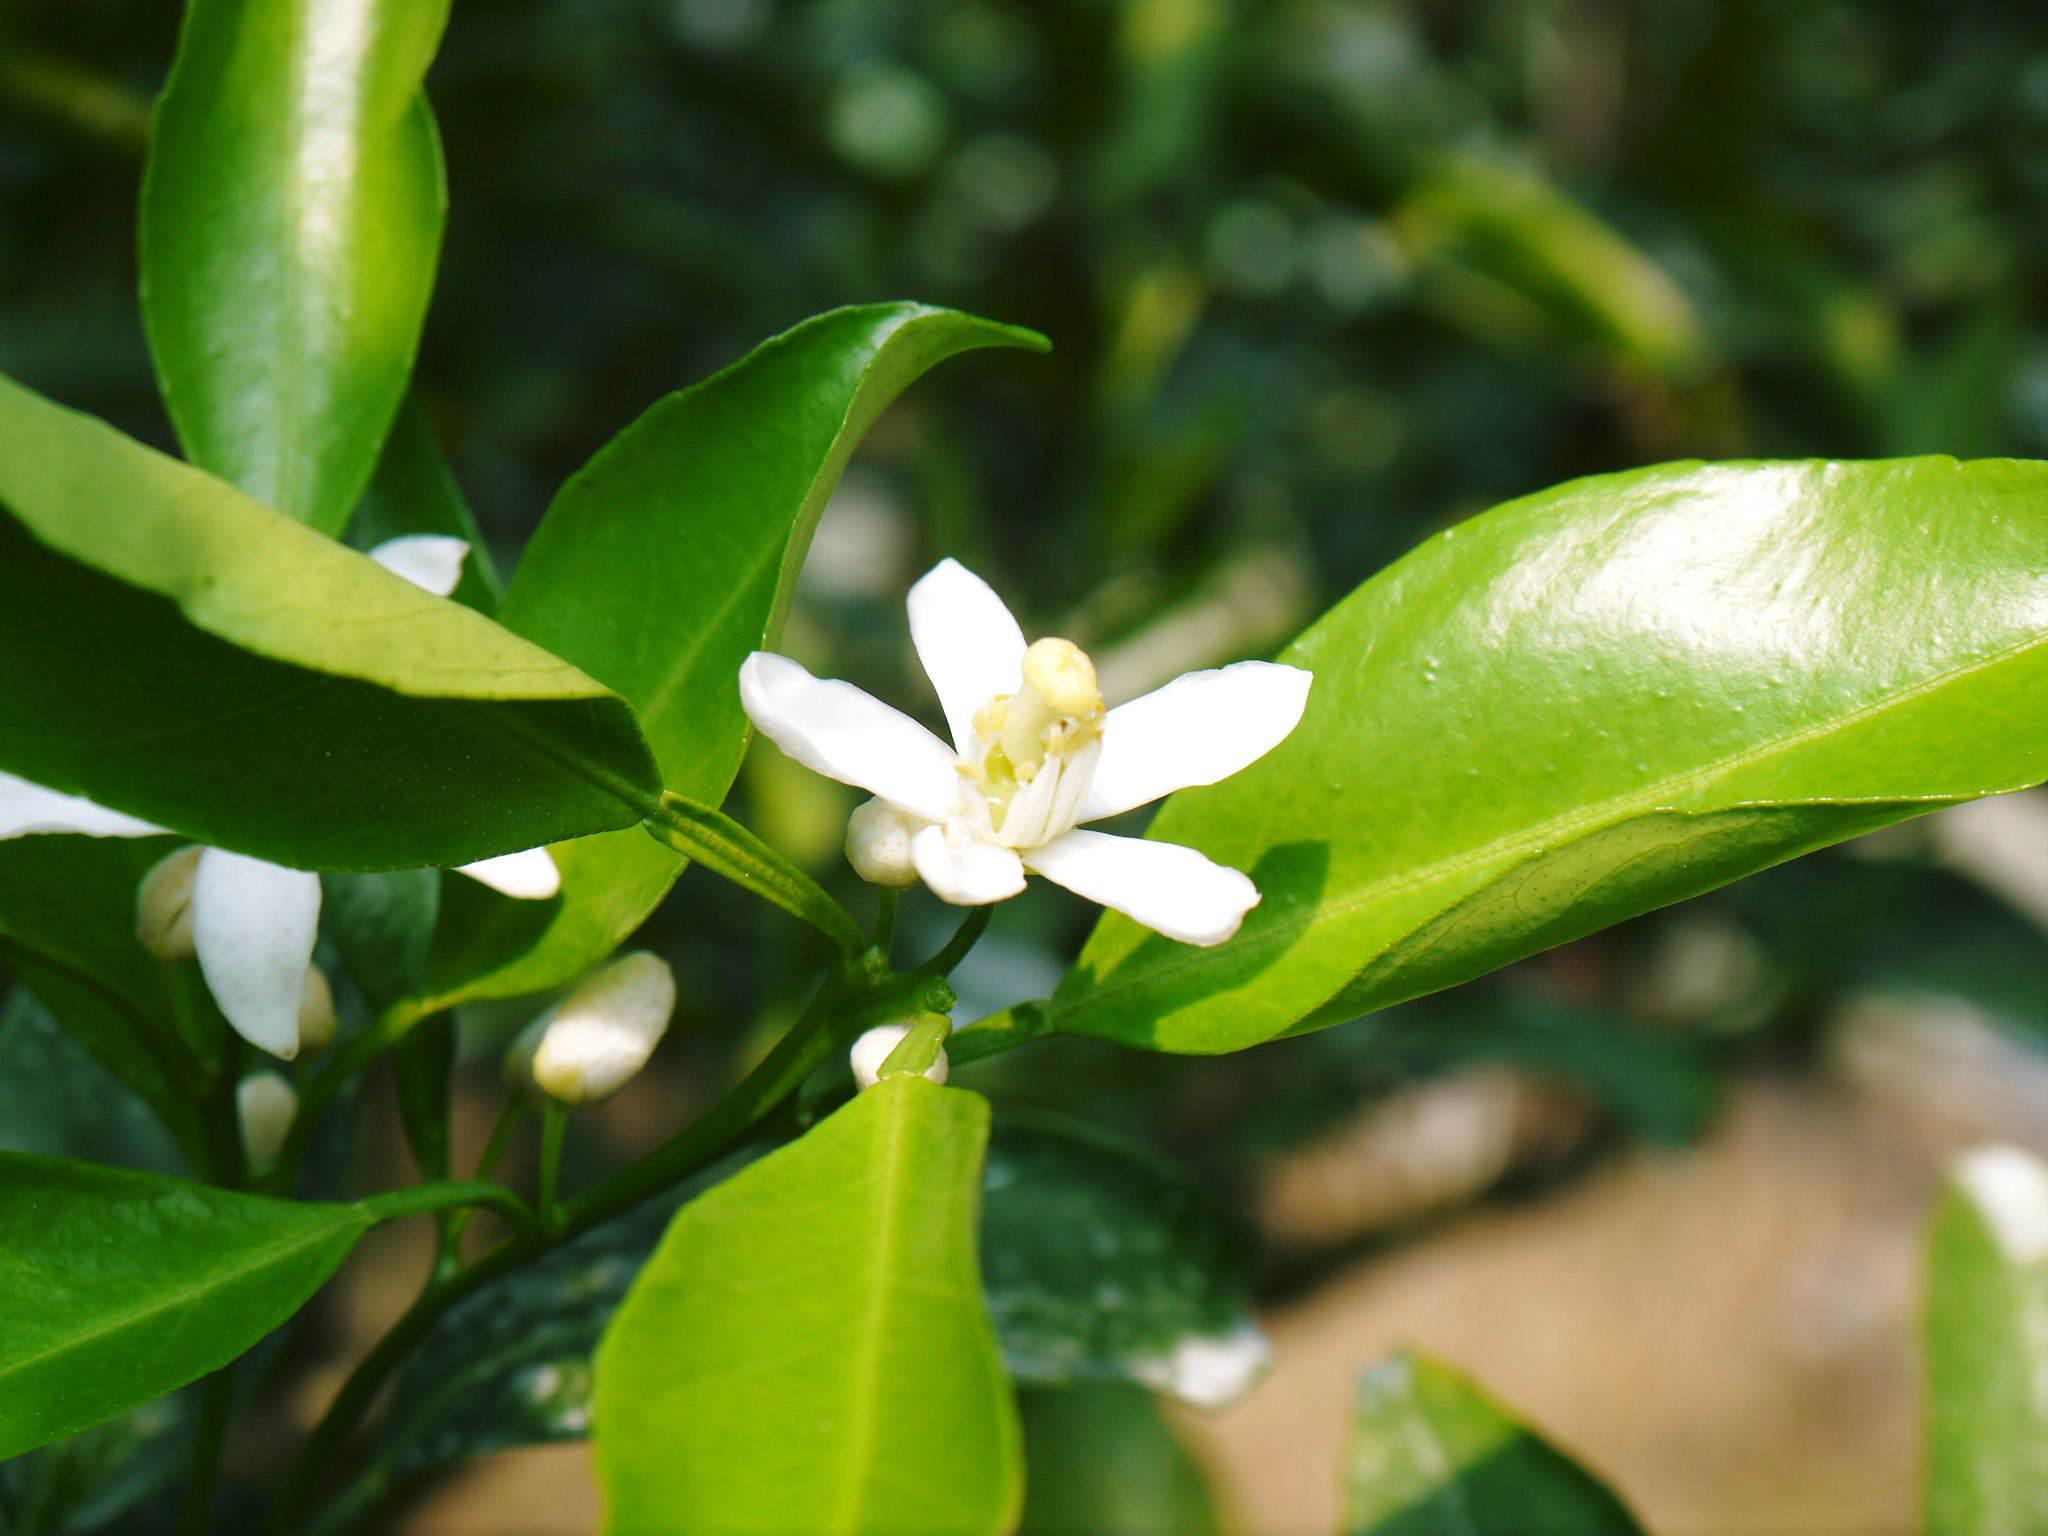 究極の柑橘「せとか」 摘果作業と玉吊り作業 樹勢も良く来年活躍する新芽も元気に芽吹いてます!_a0254656_17585700.jpg